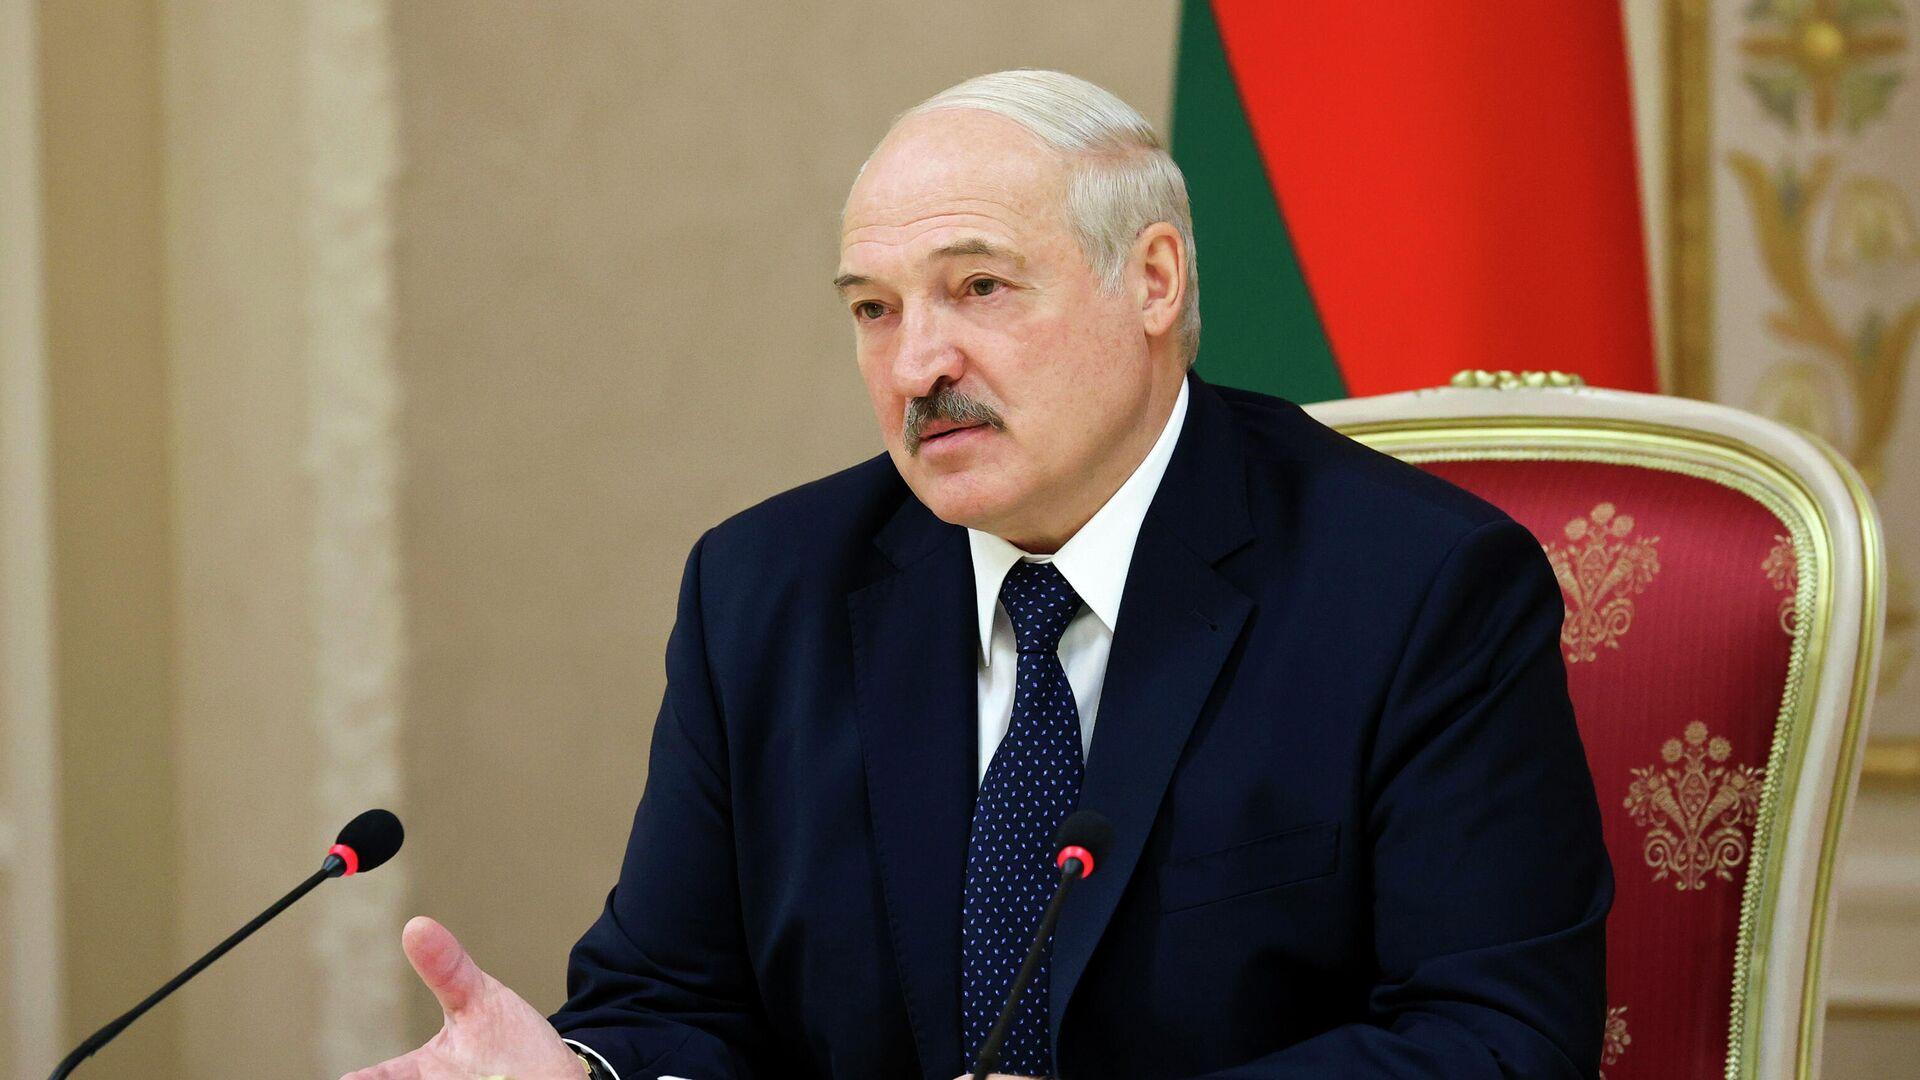 Президент Белоруссии Александр Лукашенко  - РИА Новости, 1920, 11.12.2020